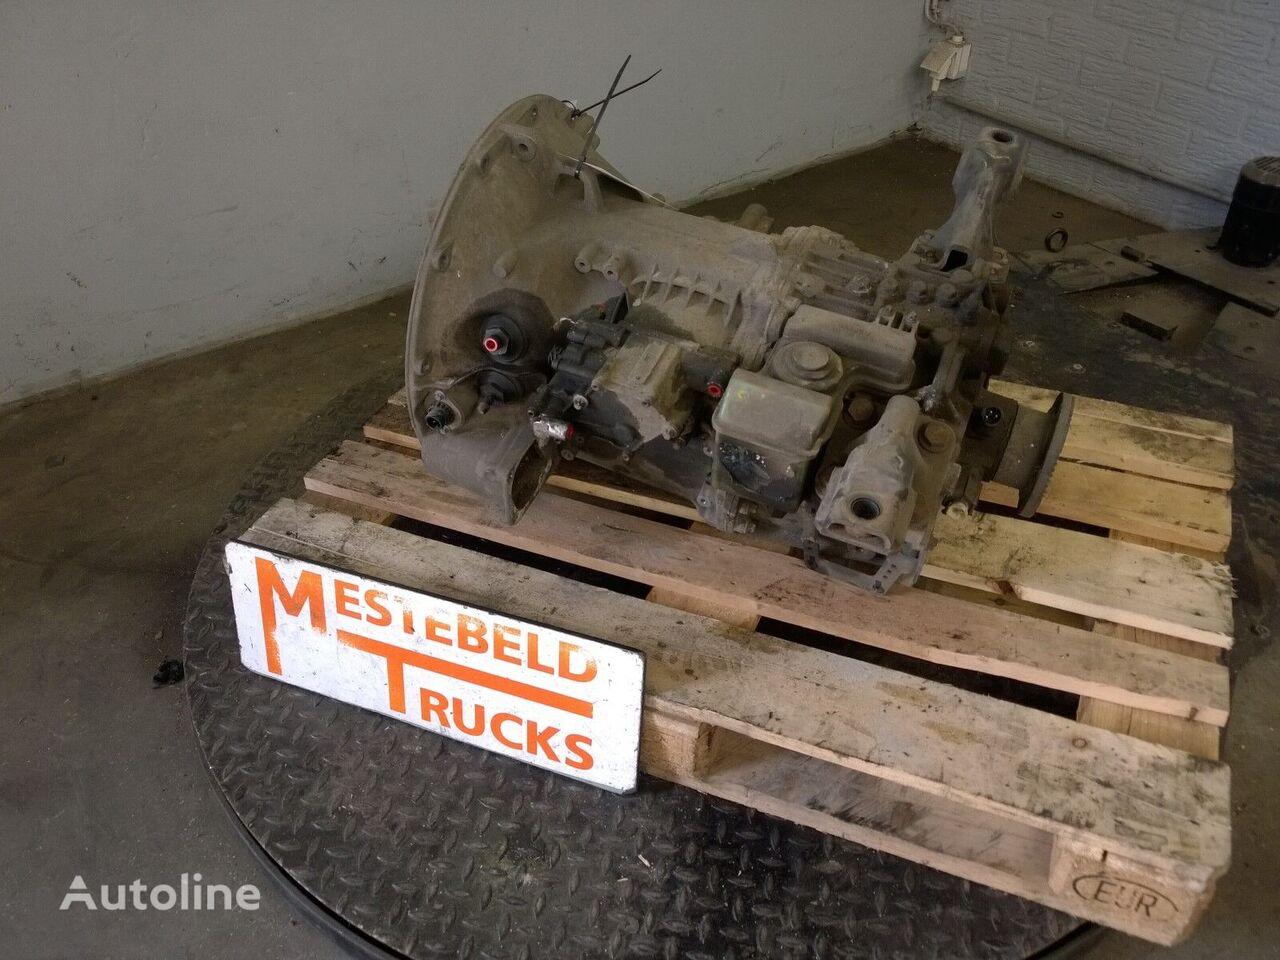 MERCEDES-BENZ versnellingsbak voor MERCEDES-BENZ Versnellingbak vrachtwagen